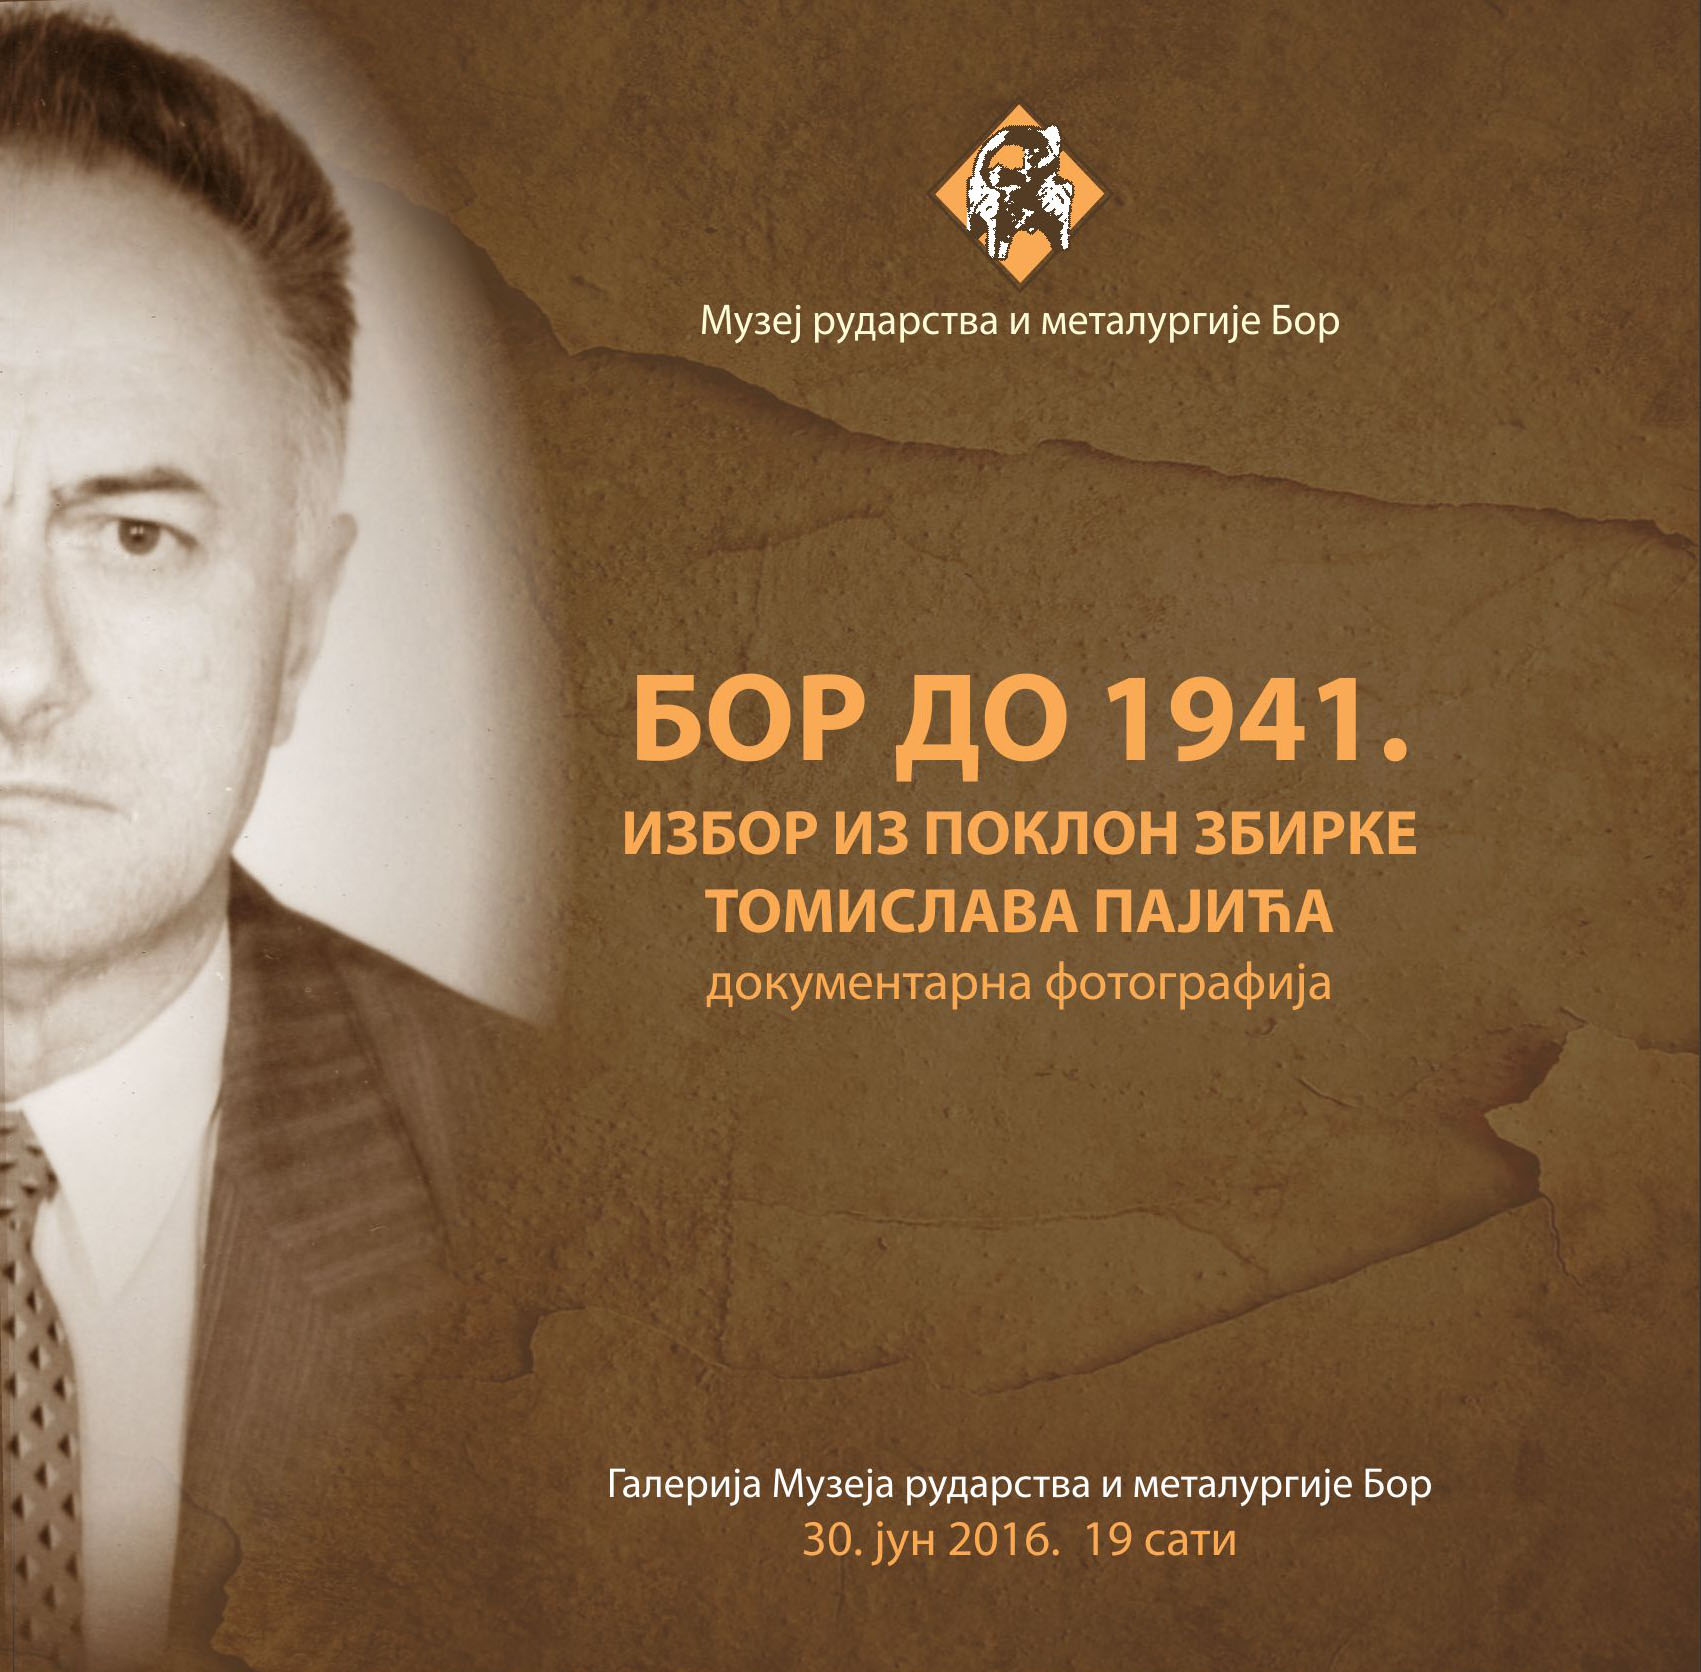 bor do 1941